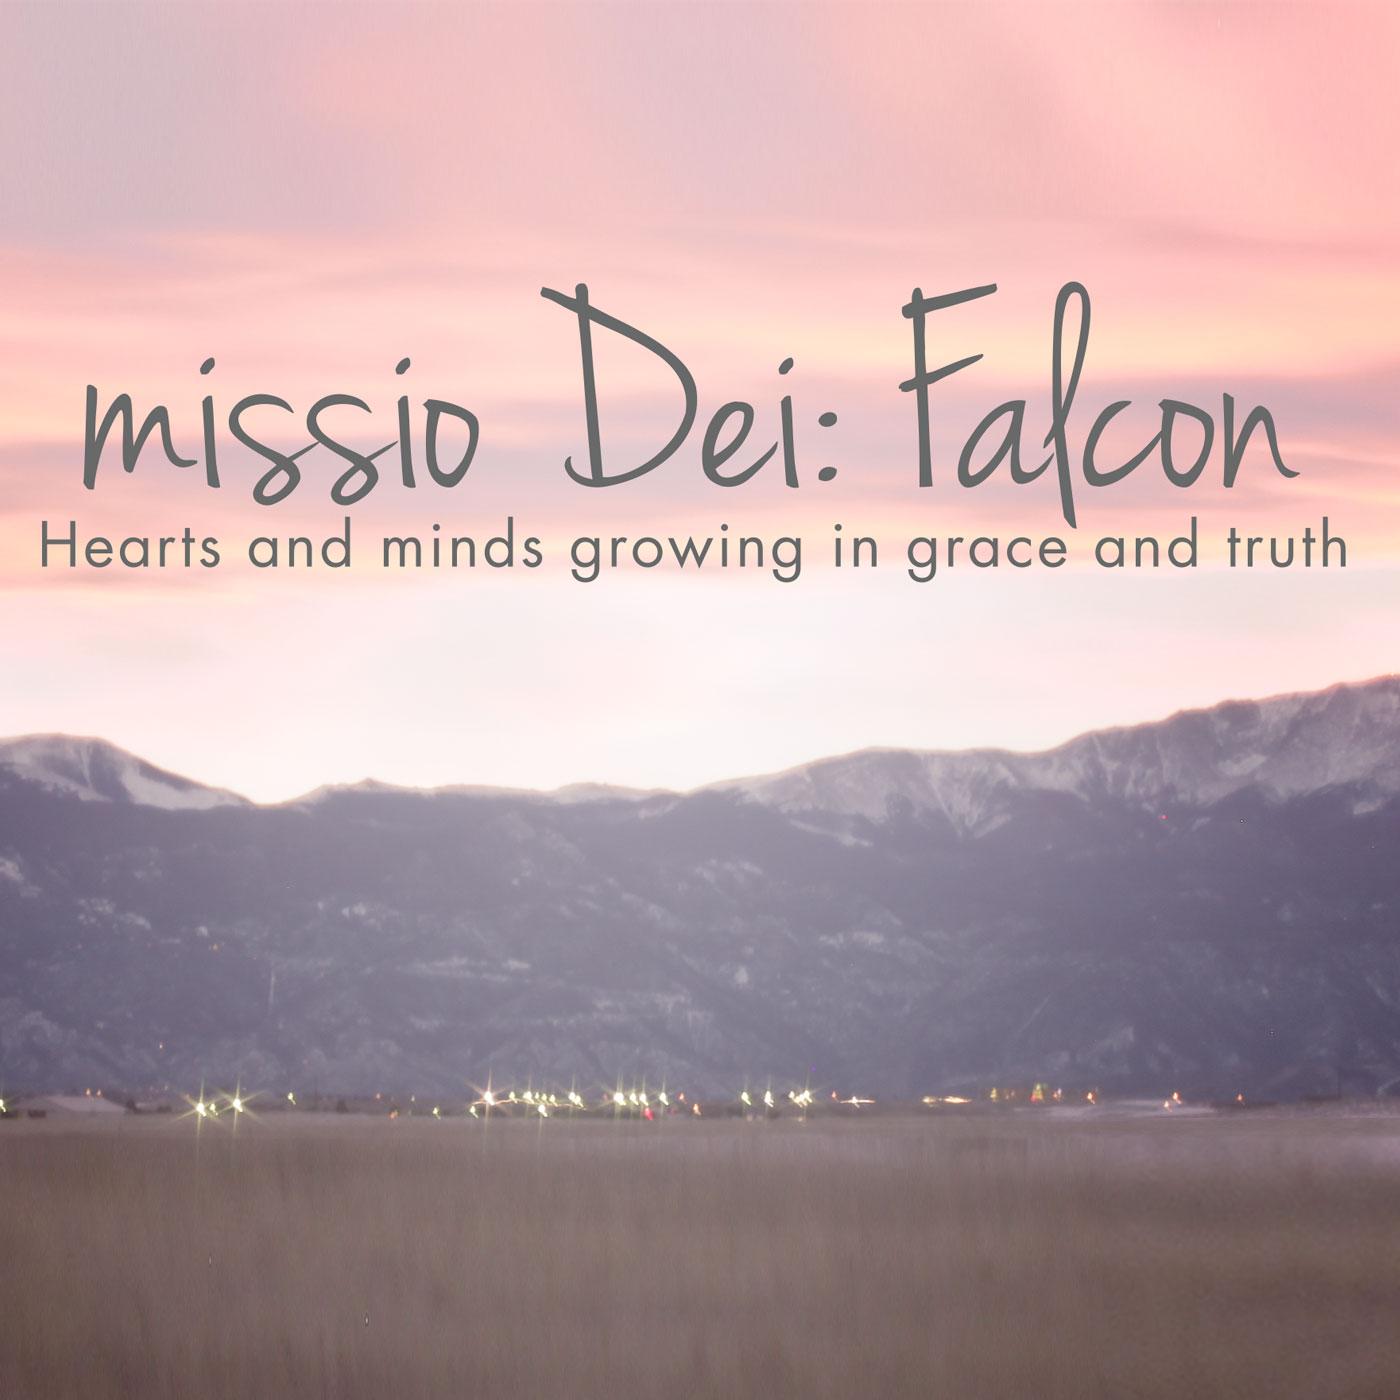 missio Dei: Falcon